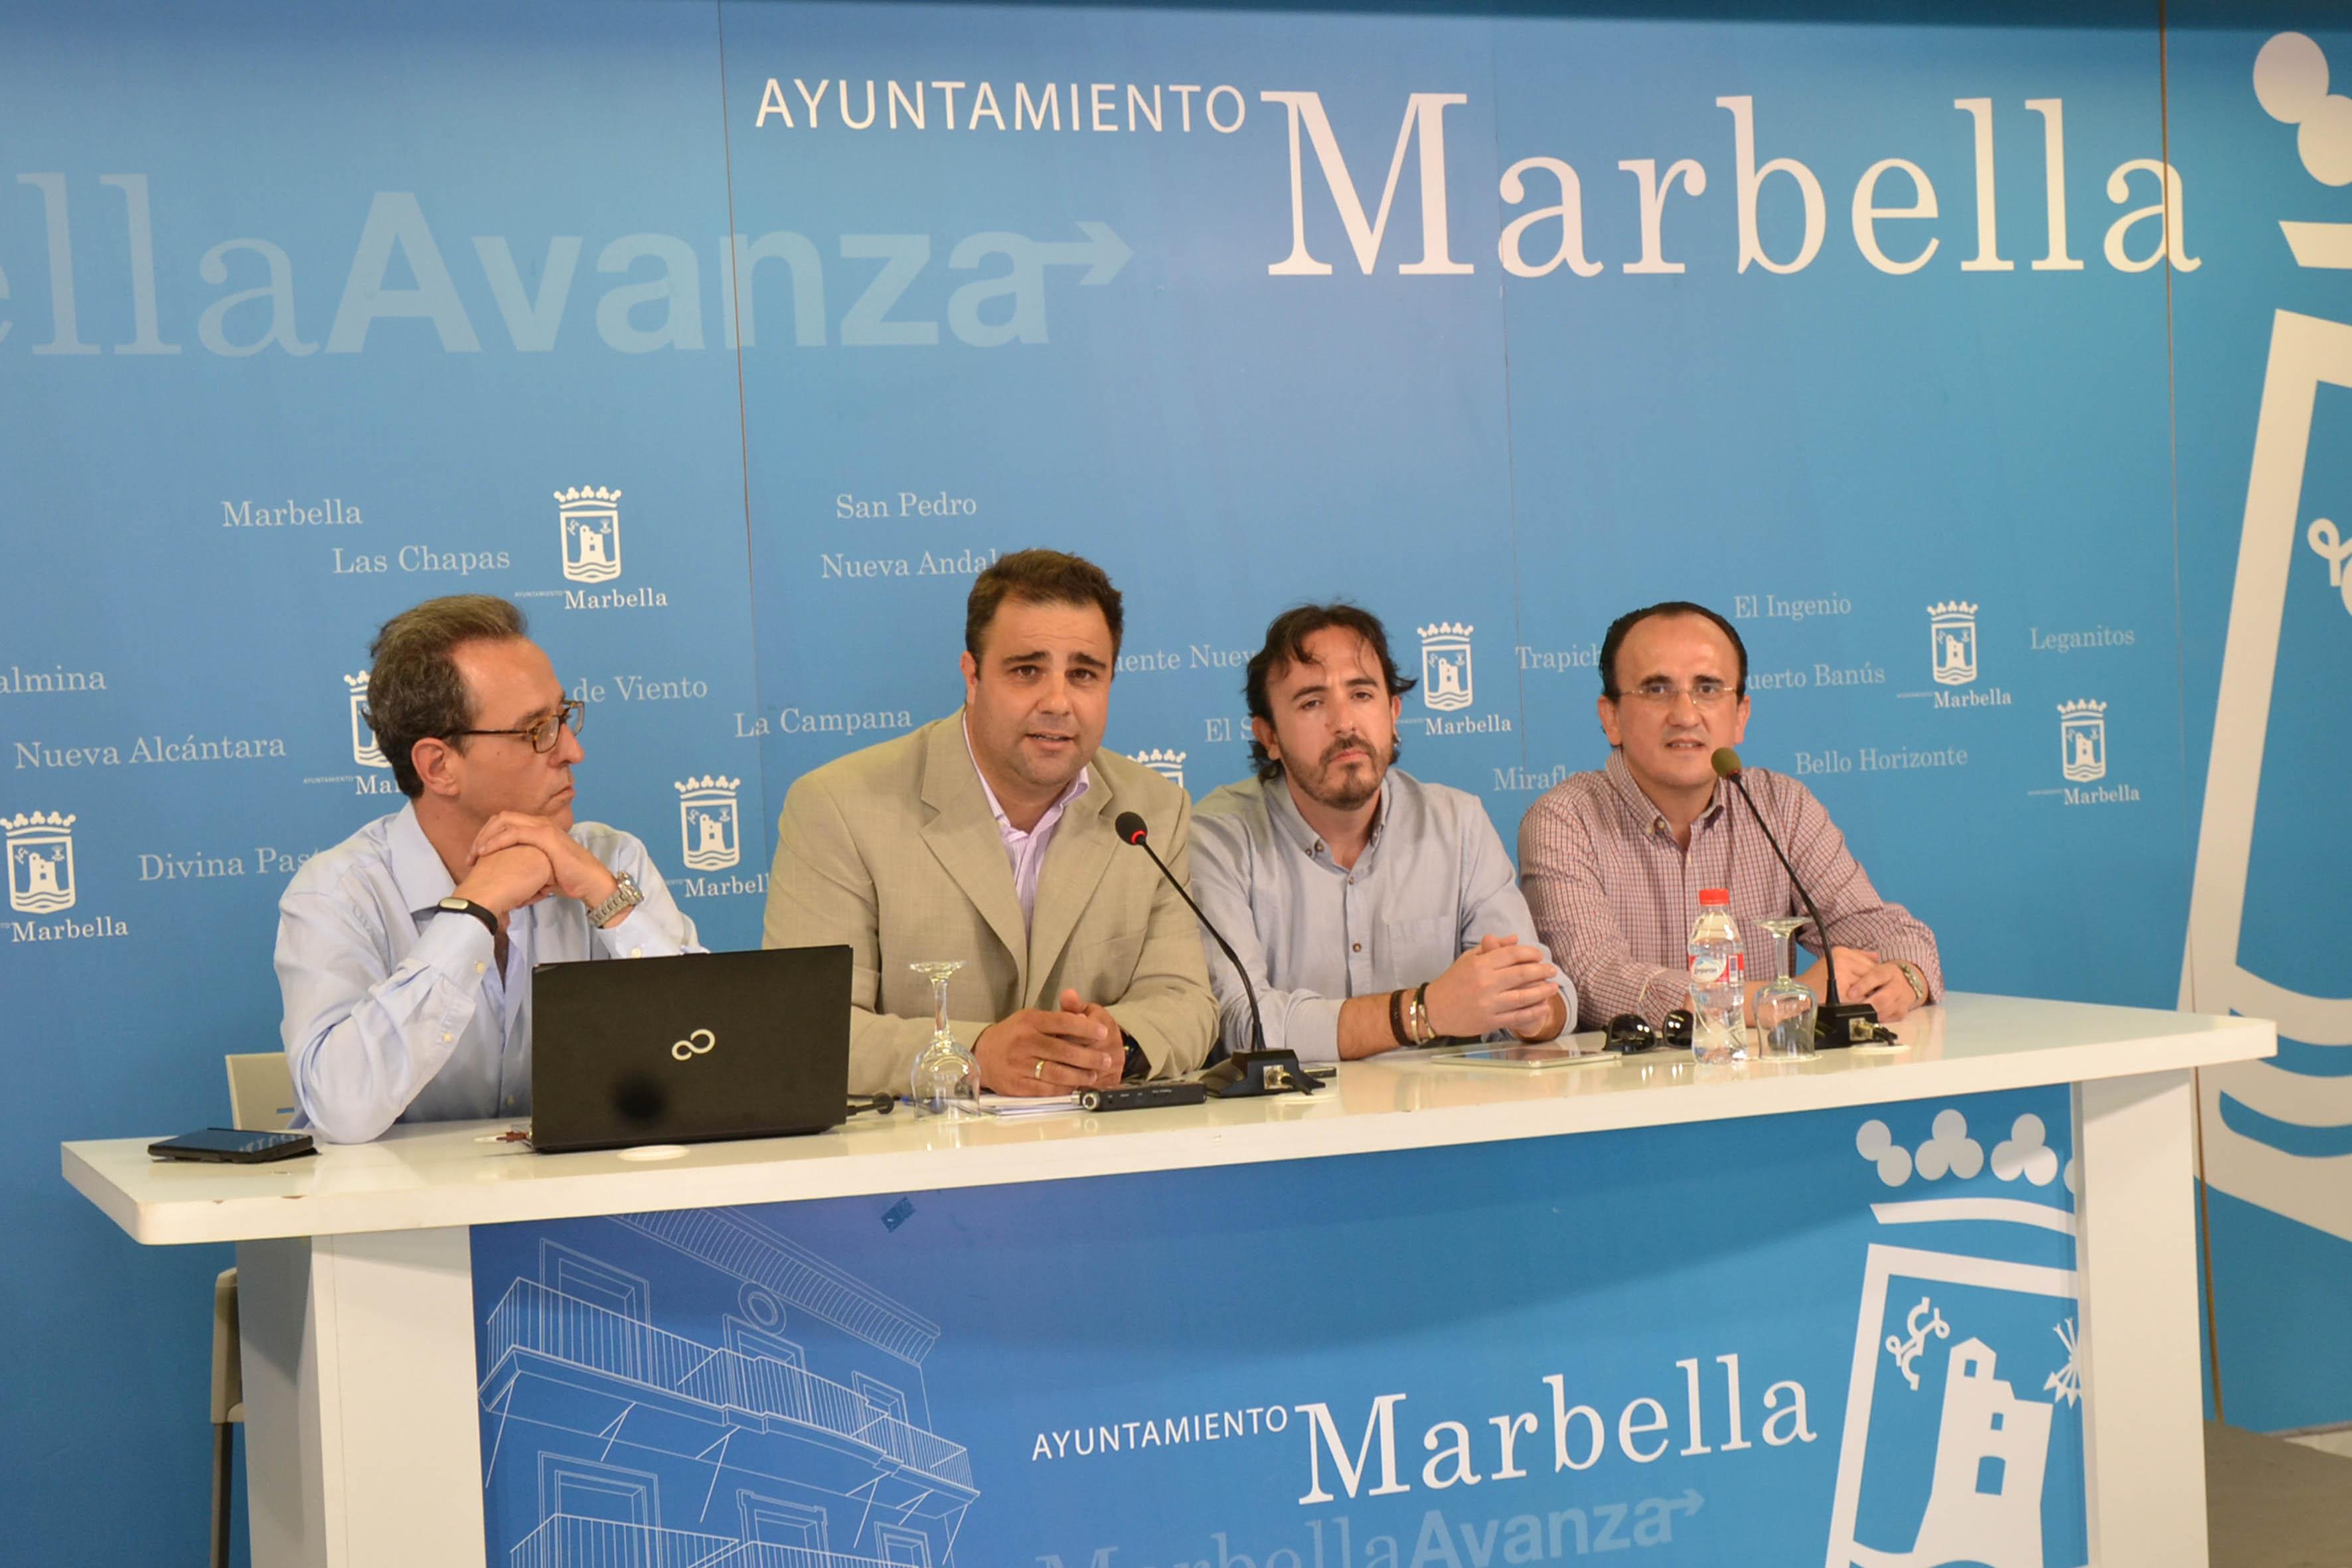 La WordCamp Marbella 2016 se celebrará el 10 de junio con la participación de expertos y usuarios de WordPress